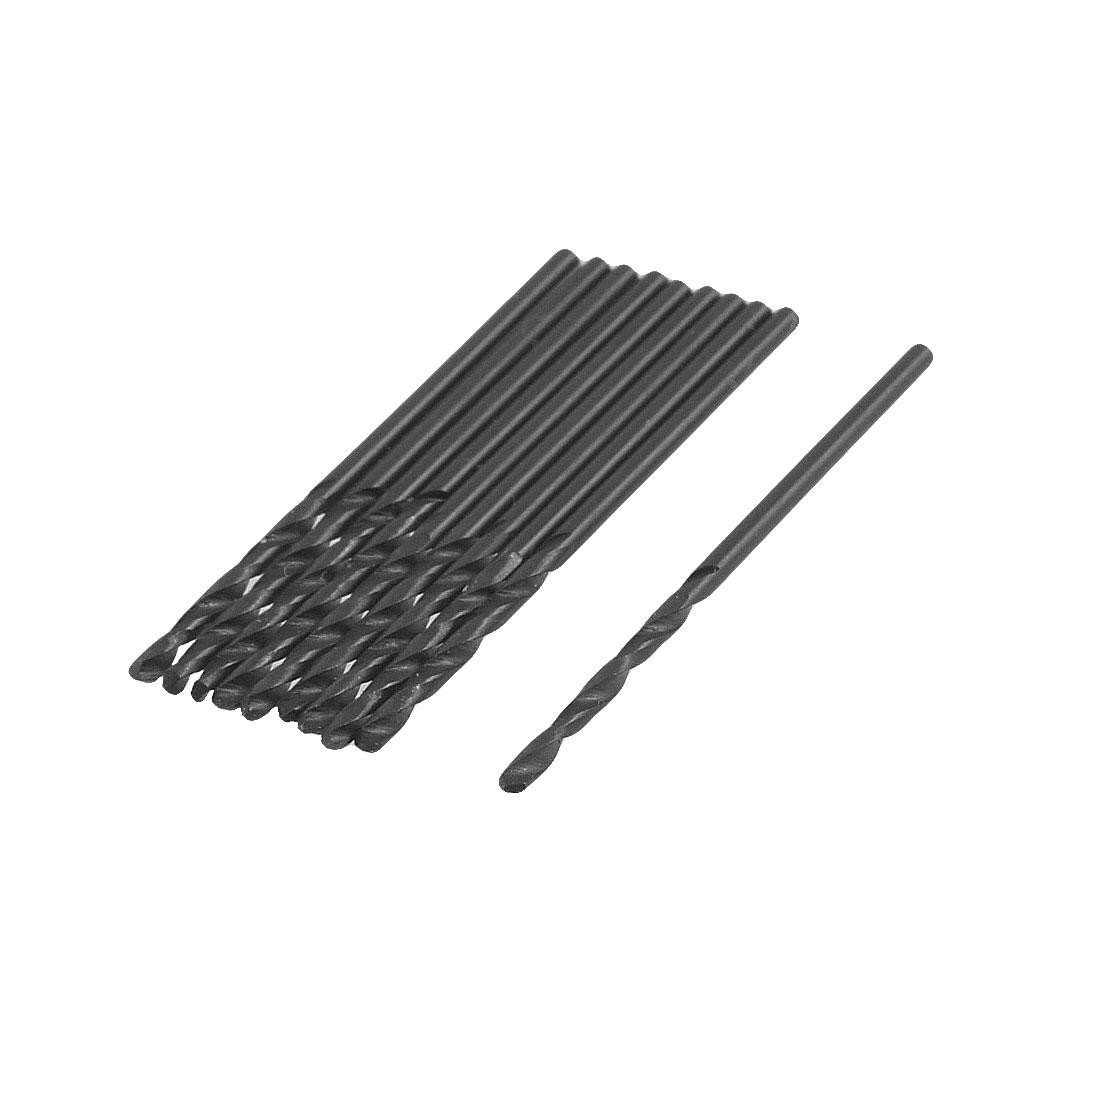 Straight Shank 1.5mm Dia Drilling Hole HSS Twist Drill Bit 10 Pcs